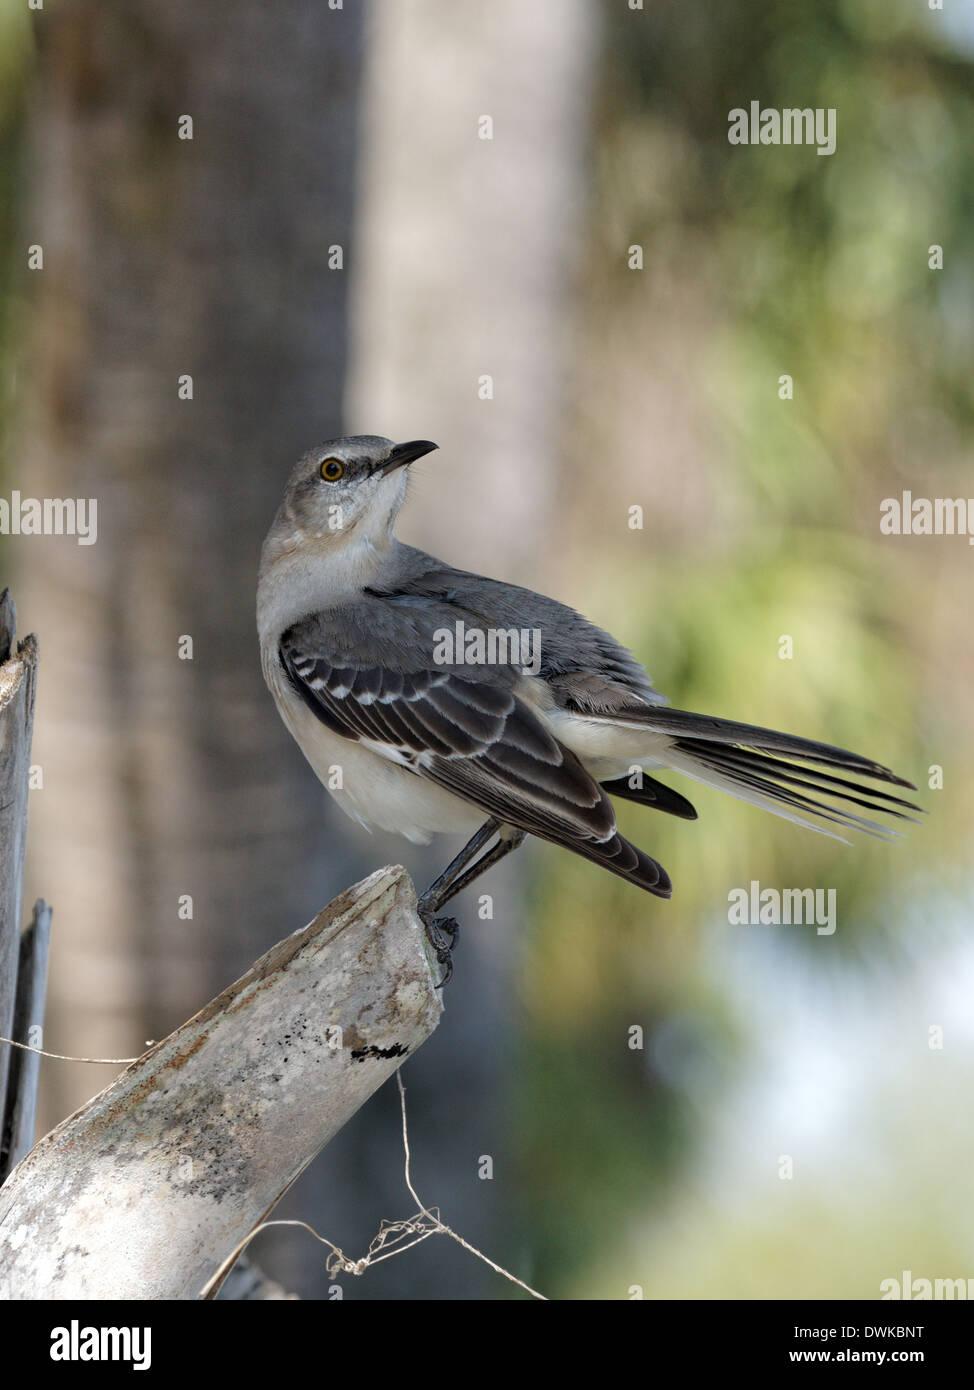 Florida State Bird Stock Photos & Florida State Bird Stock